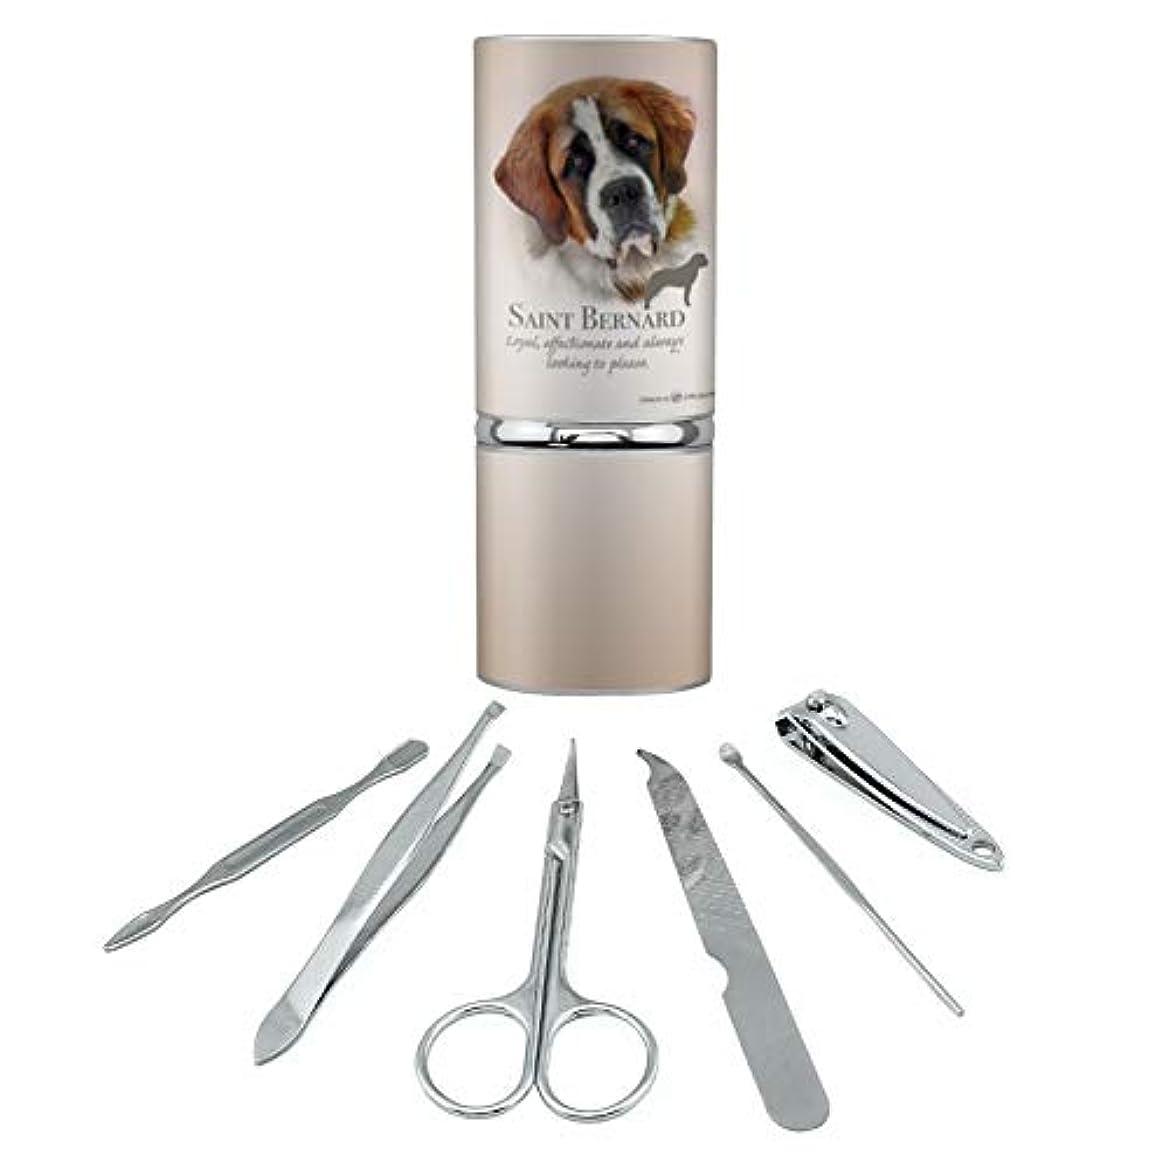 インセンティブ率直なベリーセントバーナード犬種ステンレススチールマニキュアペディキュアグルーミングビューティーケアトラベルキット